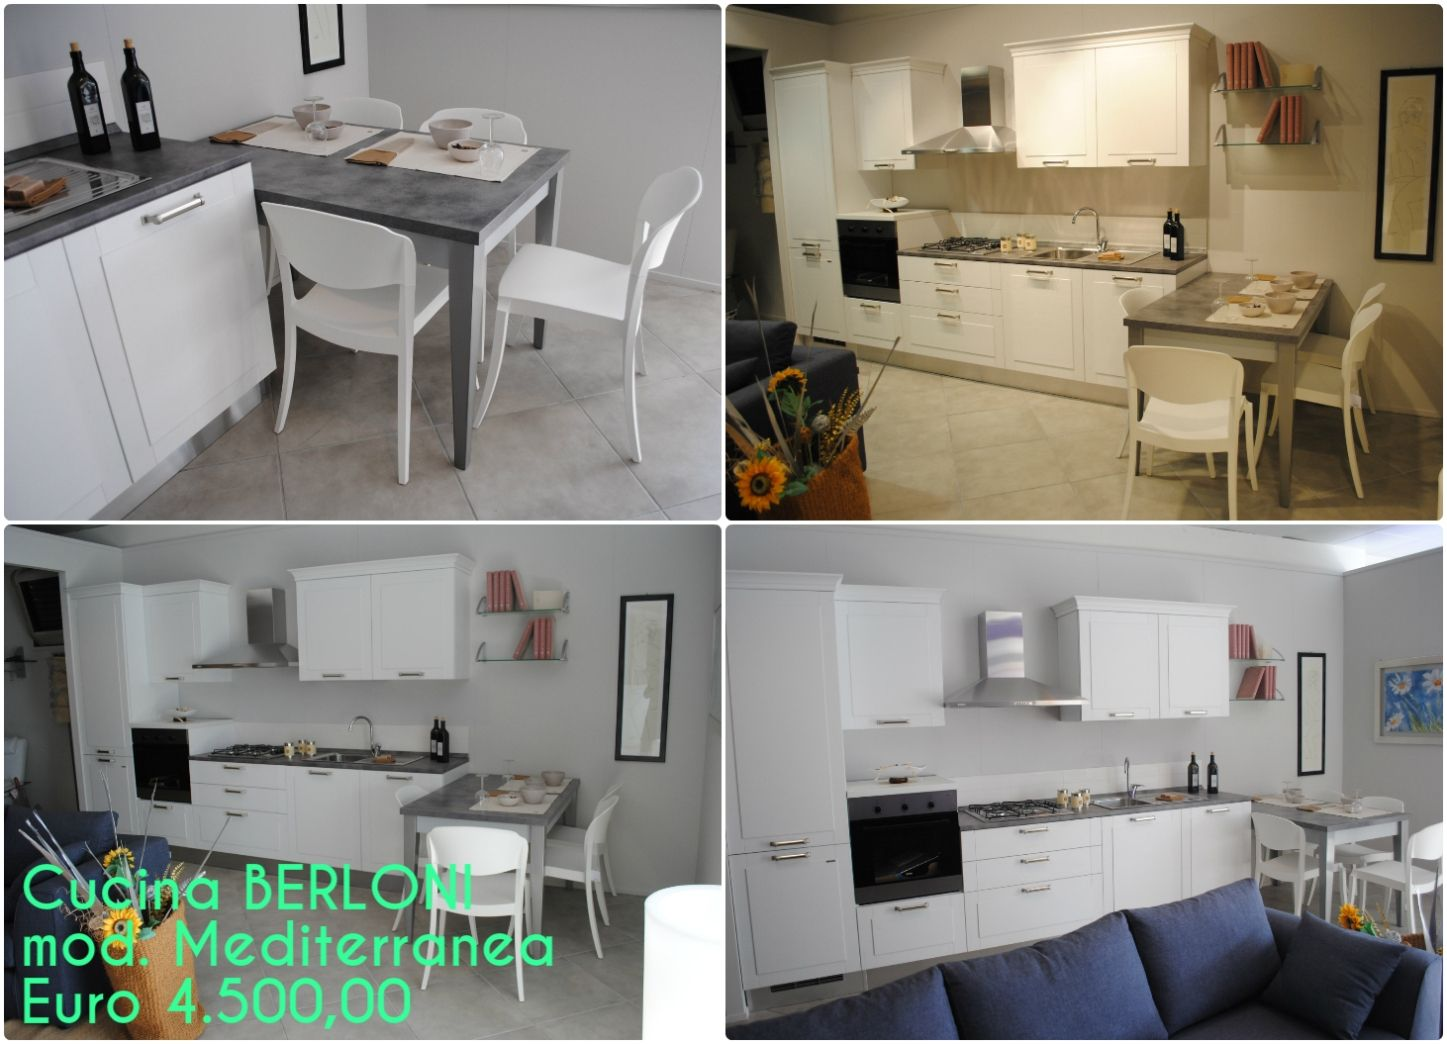 Cucina BERLONI mod. Mediterranea a 4.500,00 euro | Dining ...